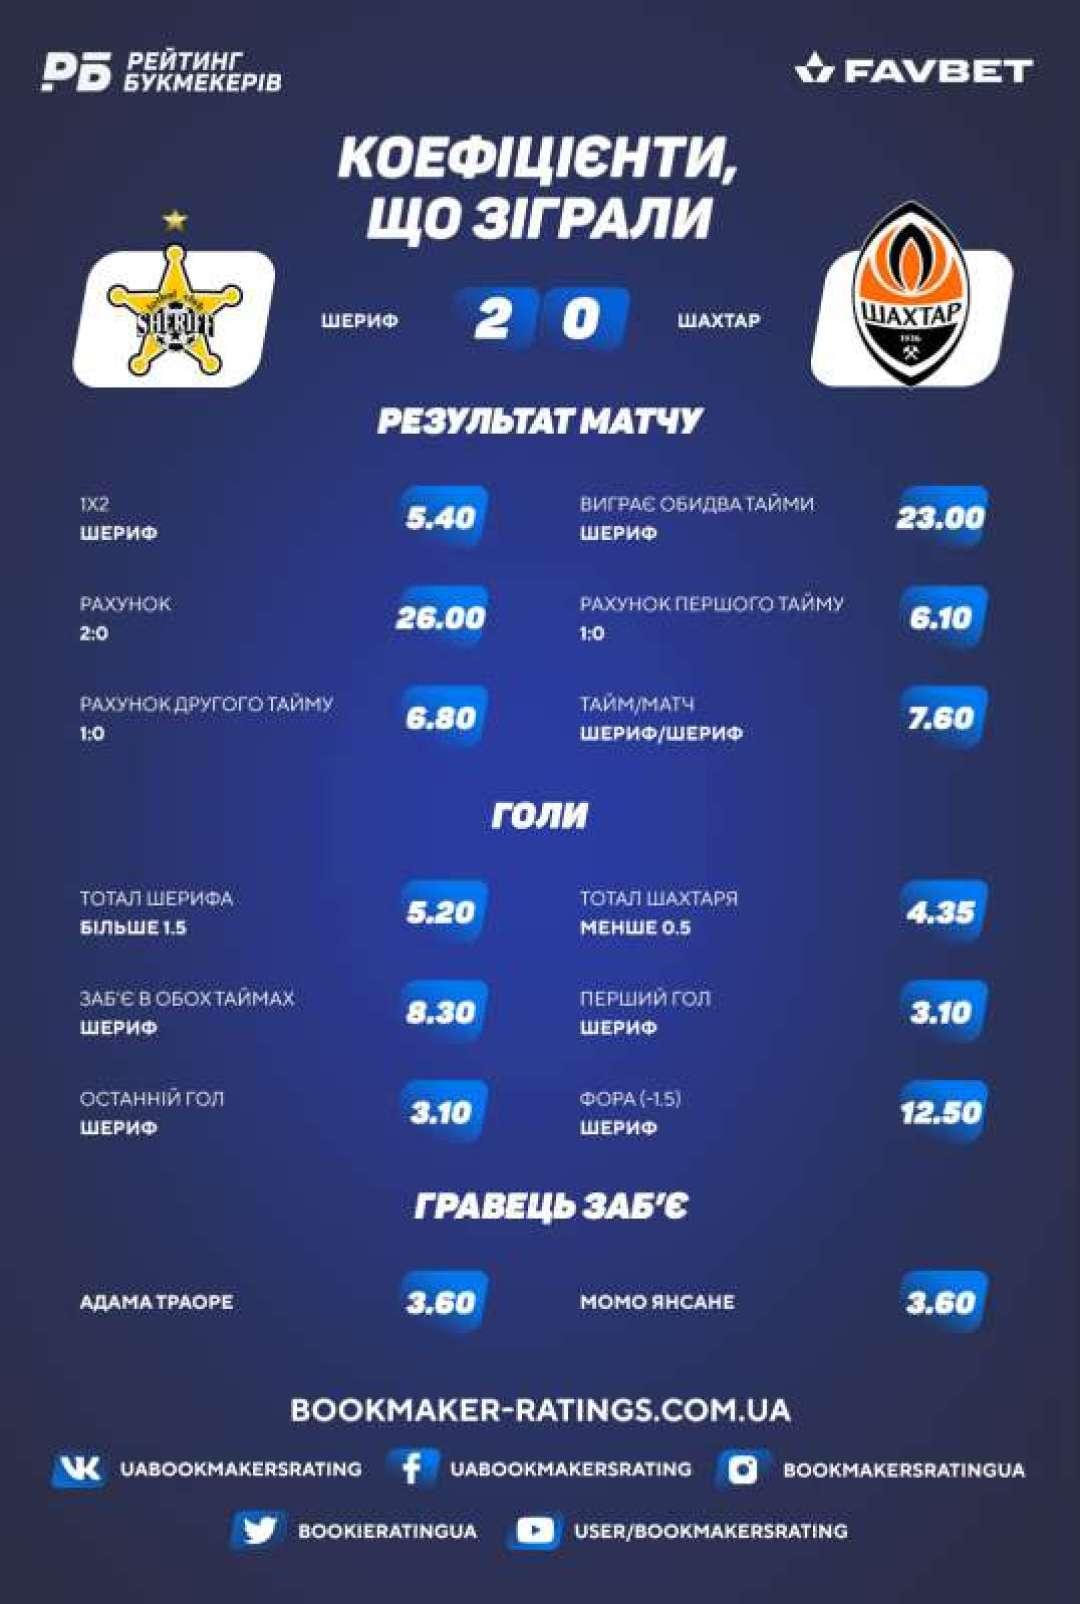 Коефіцієнти, що зіграли в матчі «Шериф» - «Шахтар» (2:0)